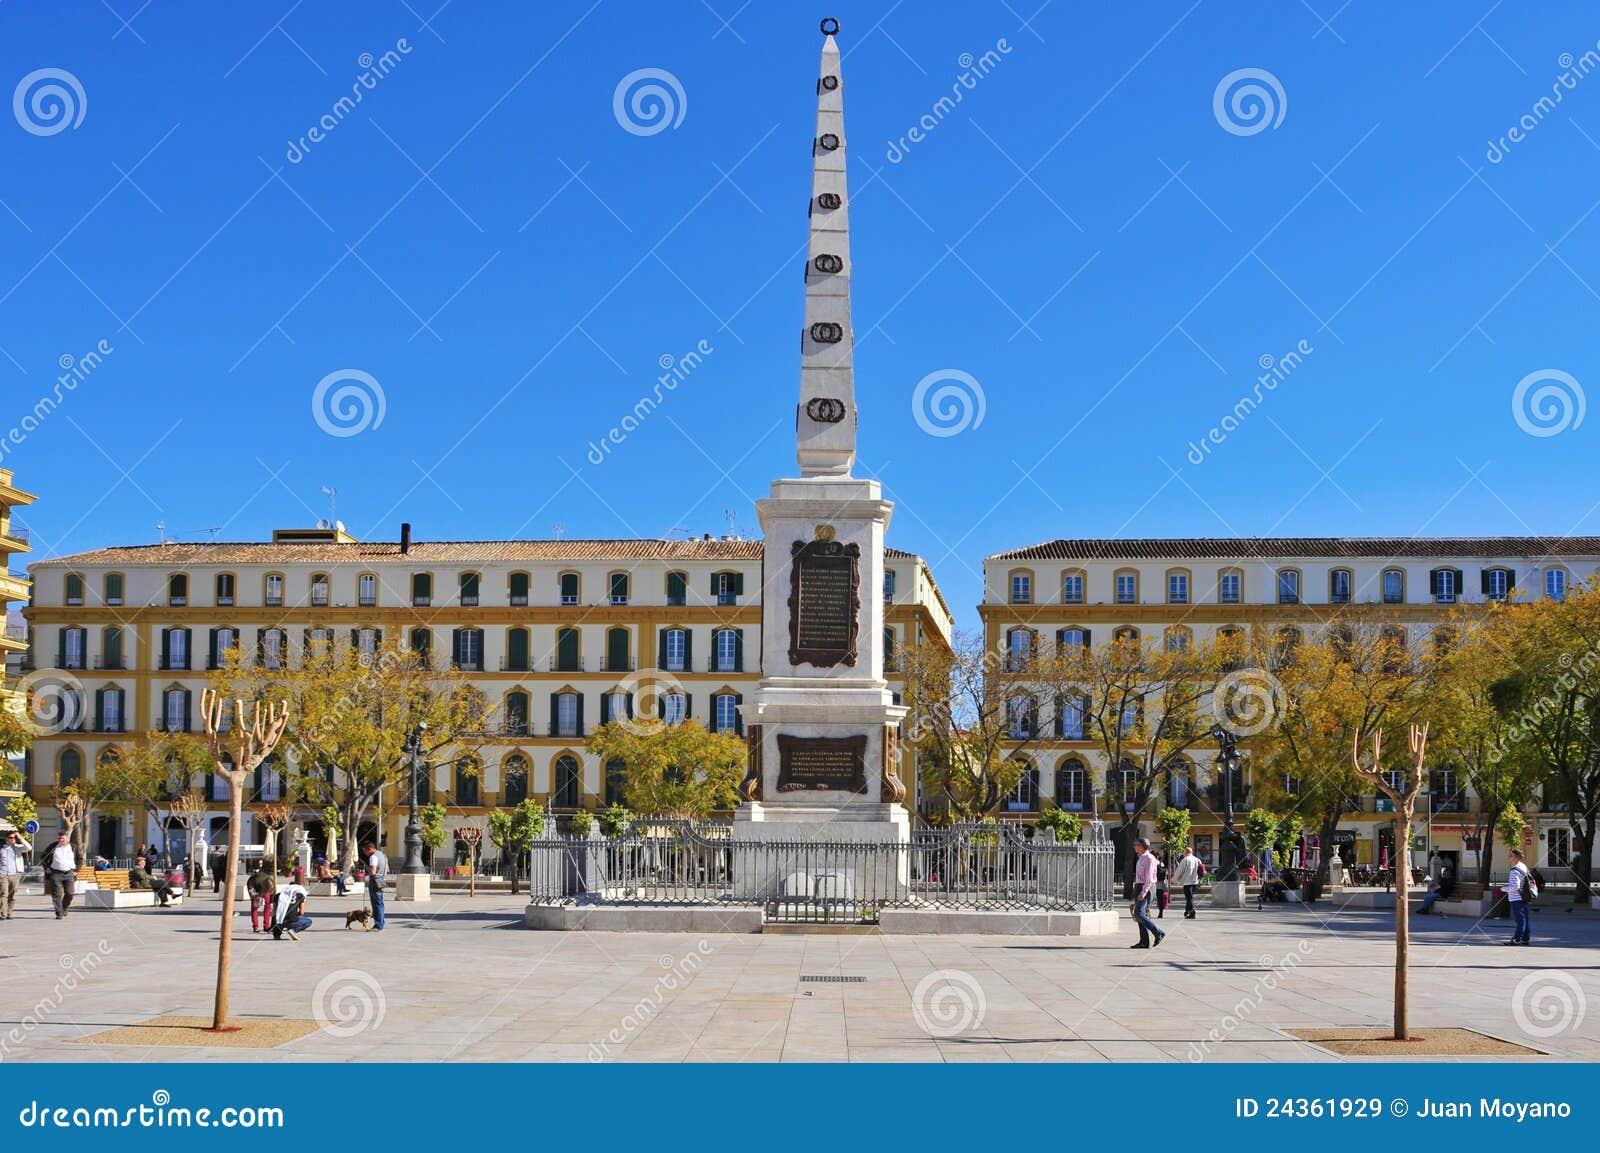 Plaza De La Merced In Malaga Spain Editorial Stock Image Image Of